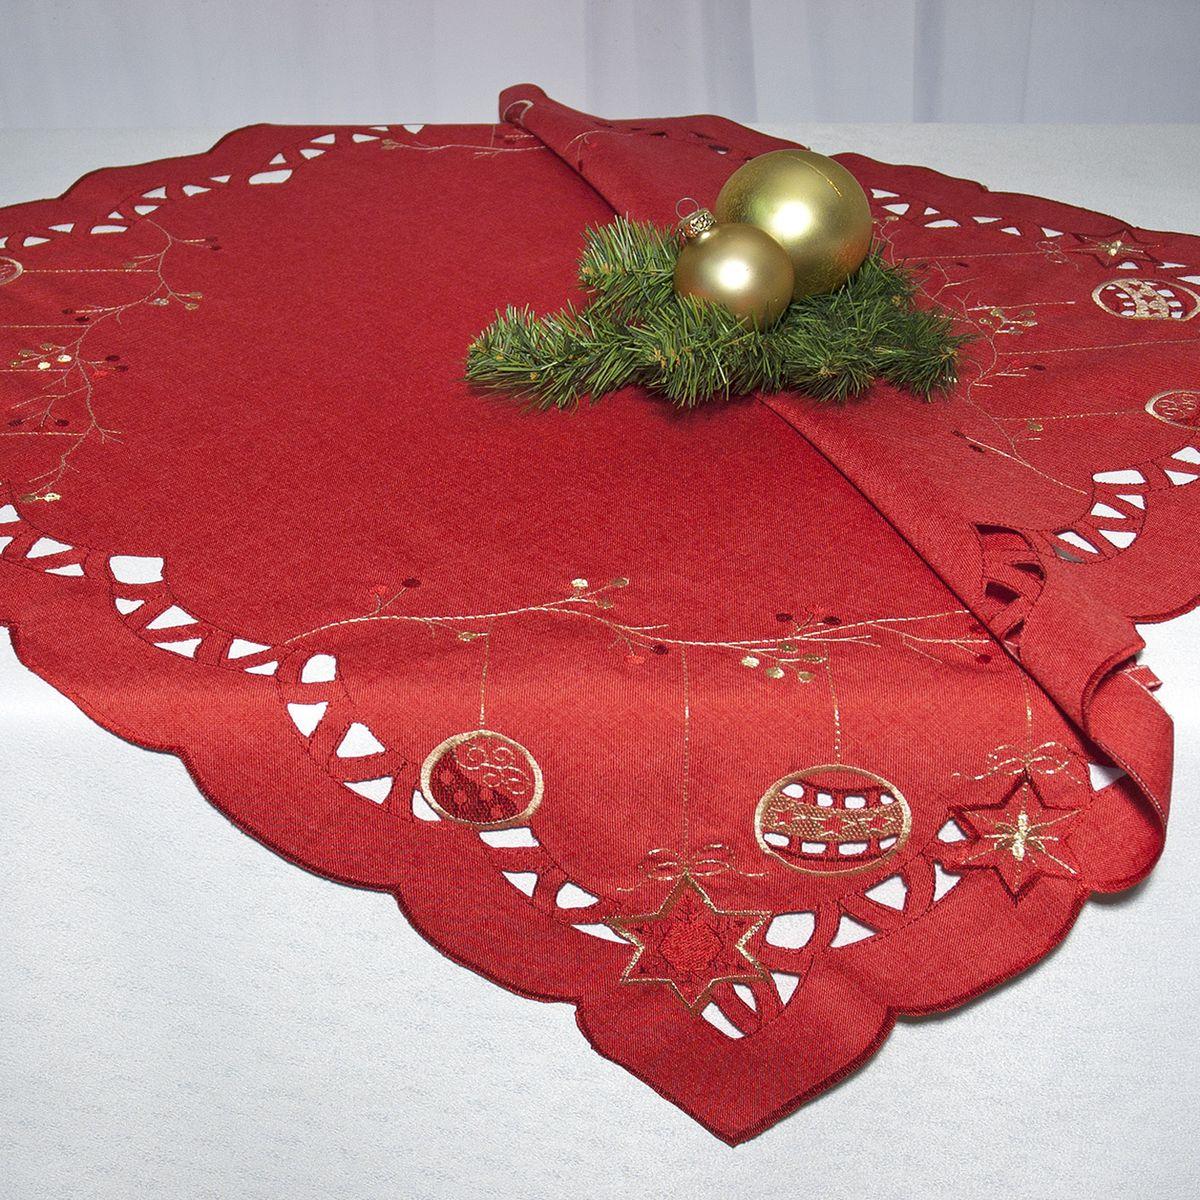 Скатерть Schaefer, квадратная, цвет: красный, 85 x 85 см 07393-10007233-115_3Квадратная скатерть Schaefer, выполненная из полиэстера, станет прекрасным украшением новогоднего стола. Изделие декорировано изысканной перфорацией по краю и вышивкой в виде елочных игрушек. За текстилем из полиэстера очень легко ухаживать: он легко стирается, не мнется, не садится и быстро сохнет, более долговечен, чем текстиль из натуральных волокон.Использование такой скатерти сделает застолье торжественным, поднимет настроение гостей и приятно удивит их вашим изысканным вкусом. Это текстильное изделие станет изысканным украшением вашего дома!